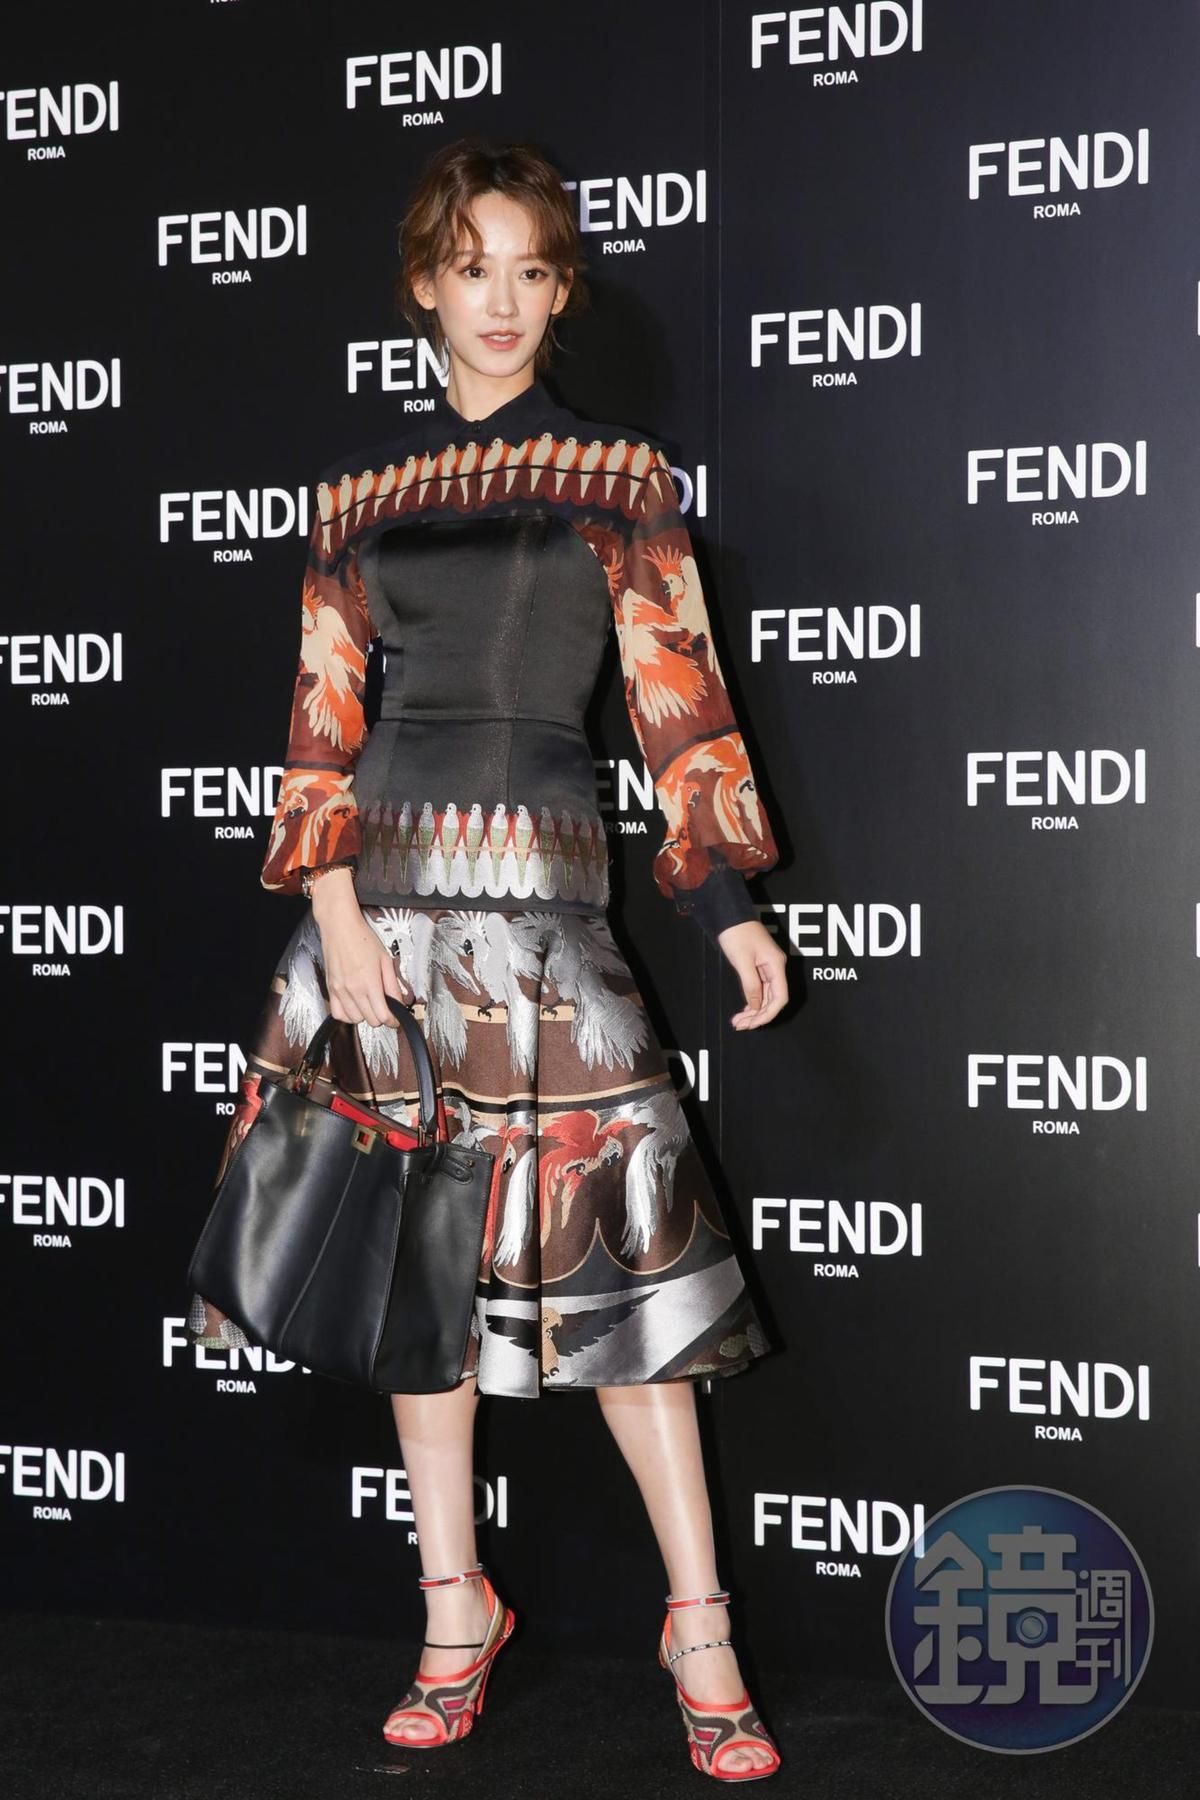 孟耿如也盛裝打扮出席此次特展。